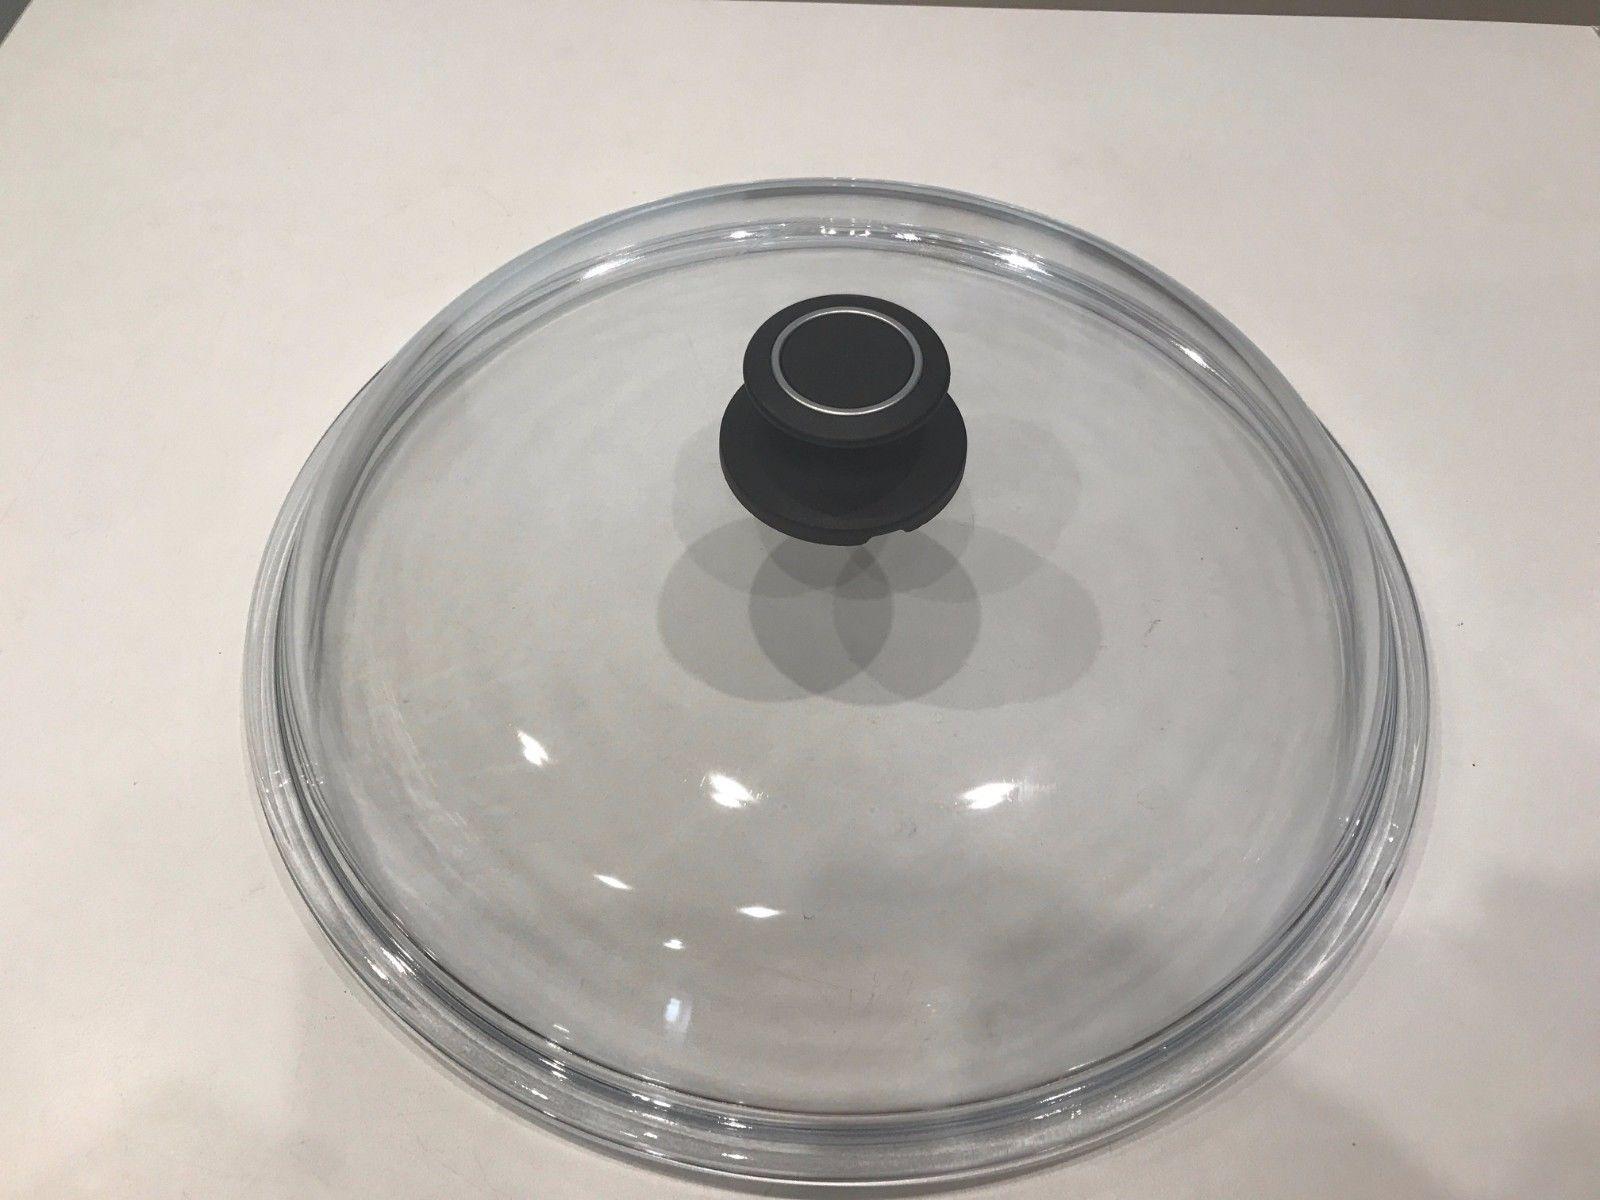 Amt gastroguss glasdeckel deckel f r pfannen rund for Deckel rund 60 cm